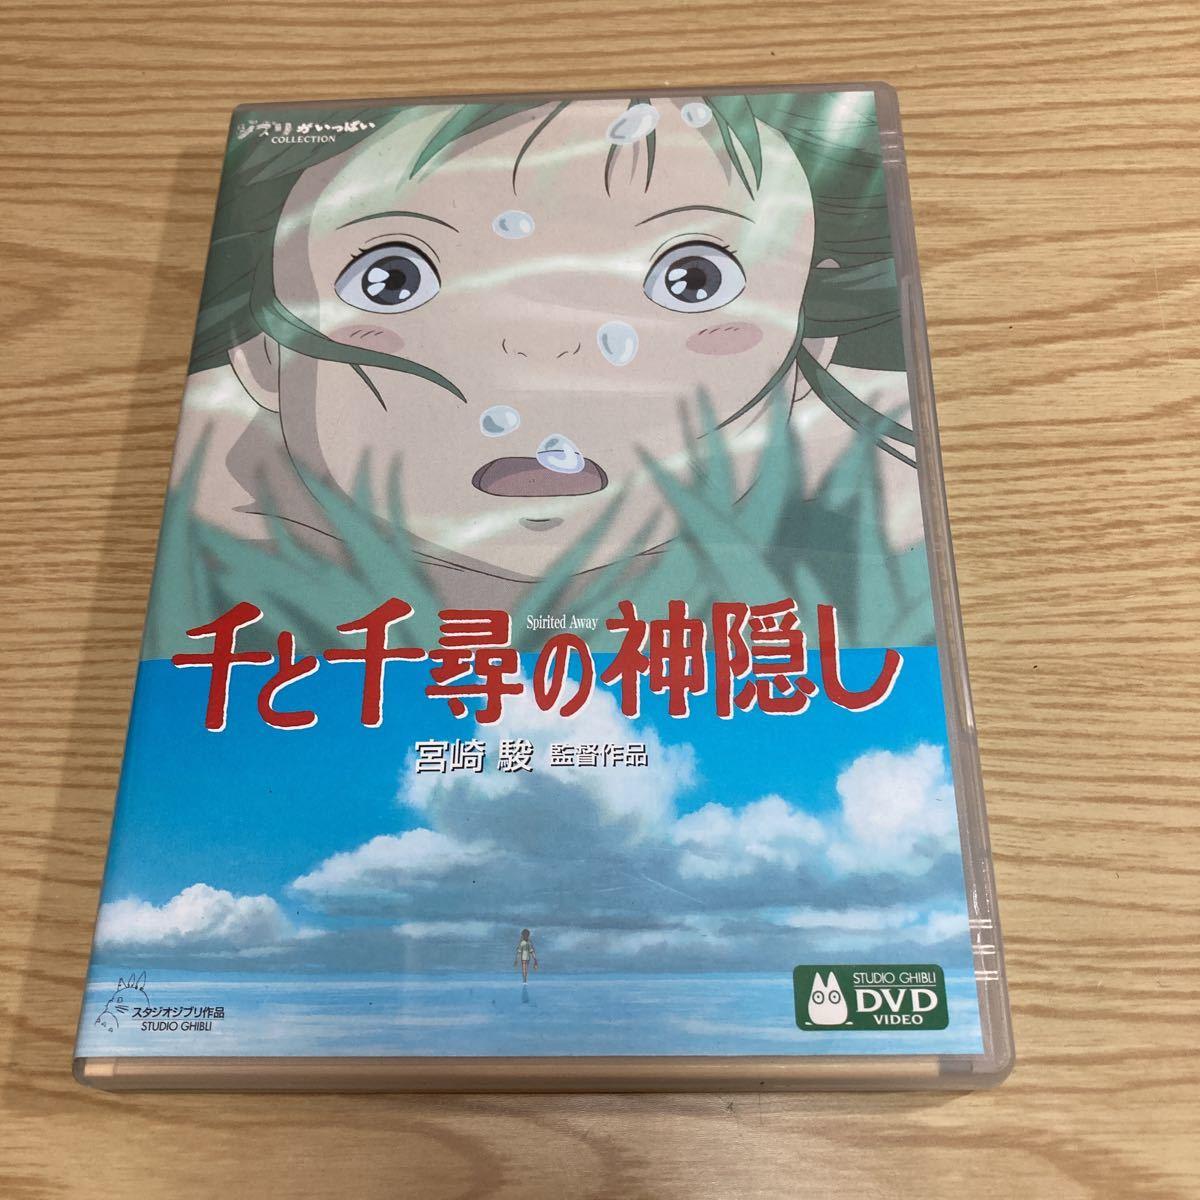 千と千尋の神隠し DVD ジブリがいっぱい